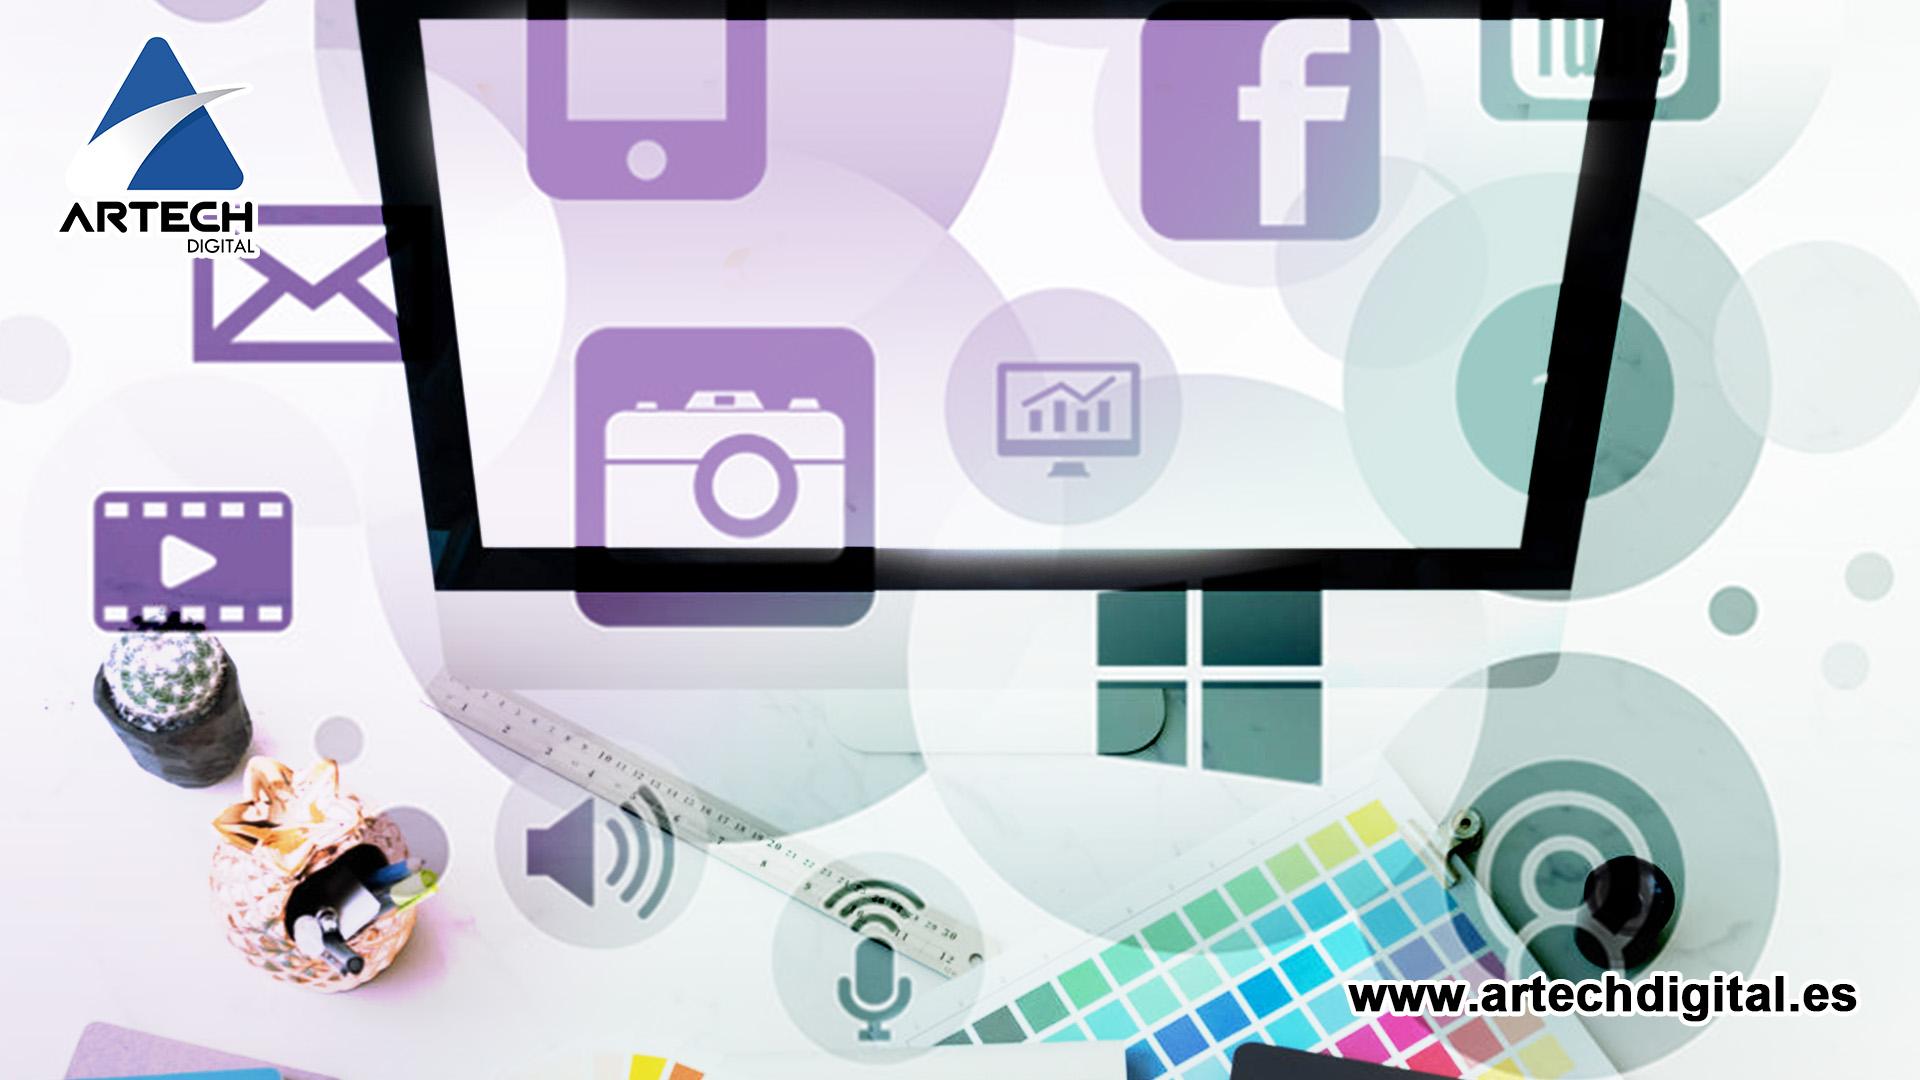 Contenido 2.0 - Artech Digital España